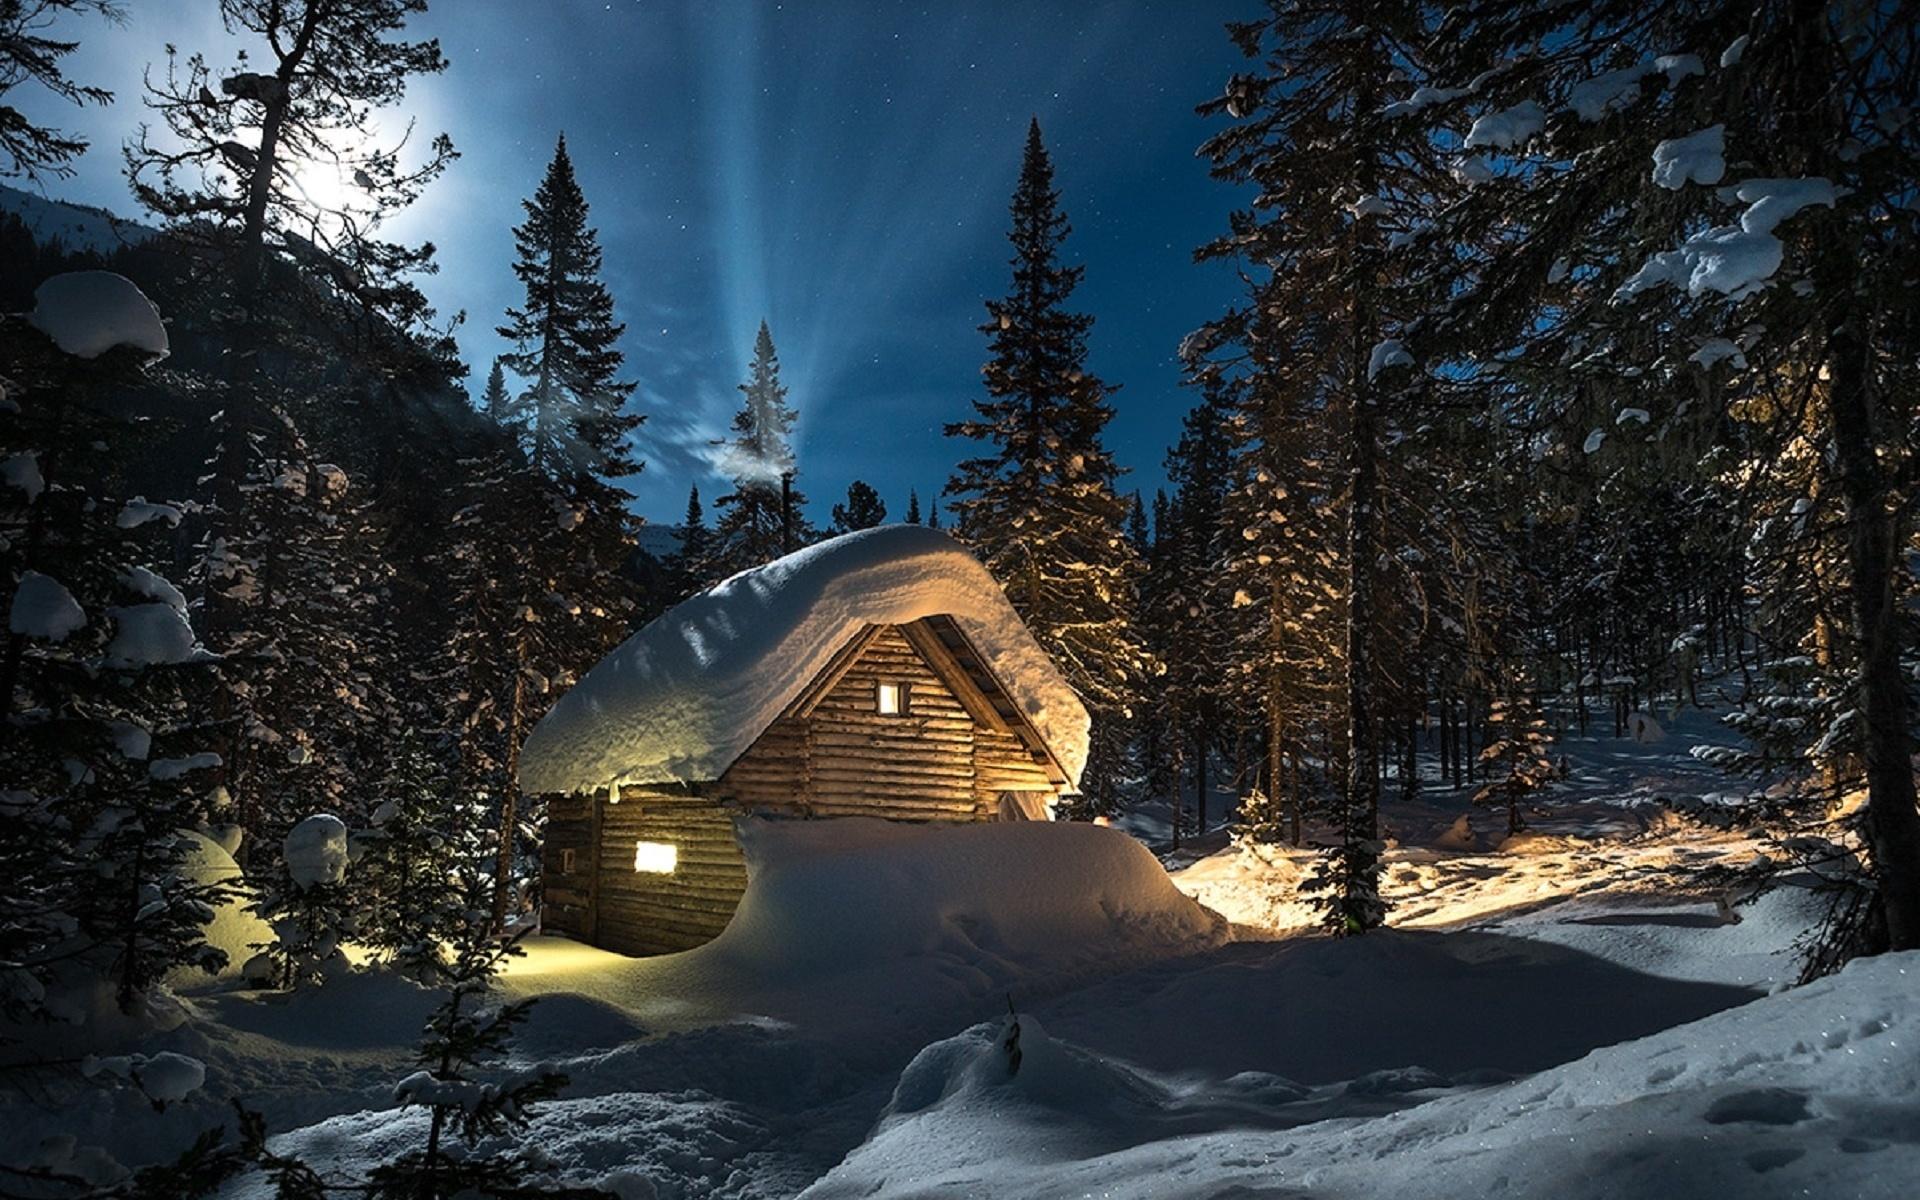 один избушка в лесу картинки зима немного